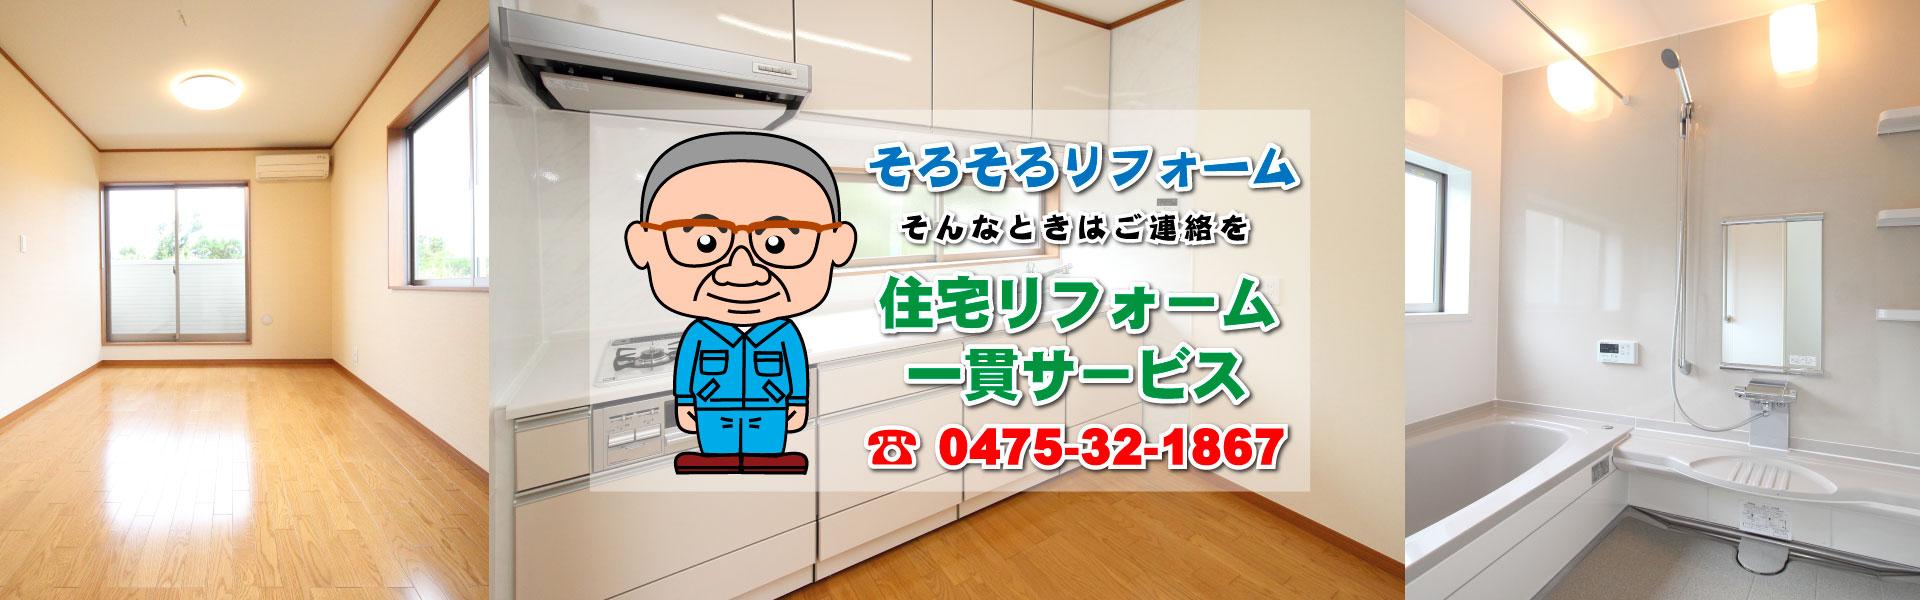 住宅リフォーム・一貫サービス